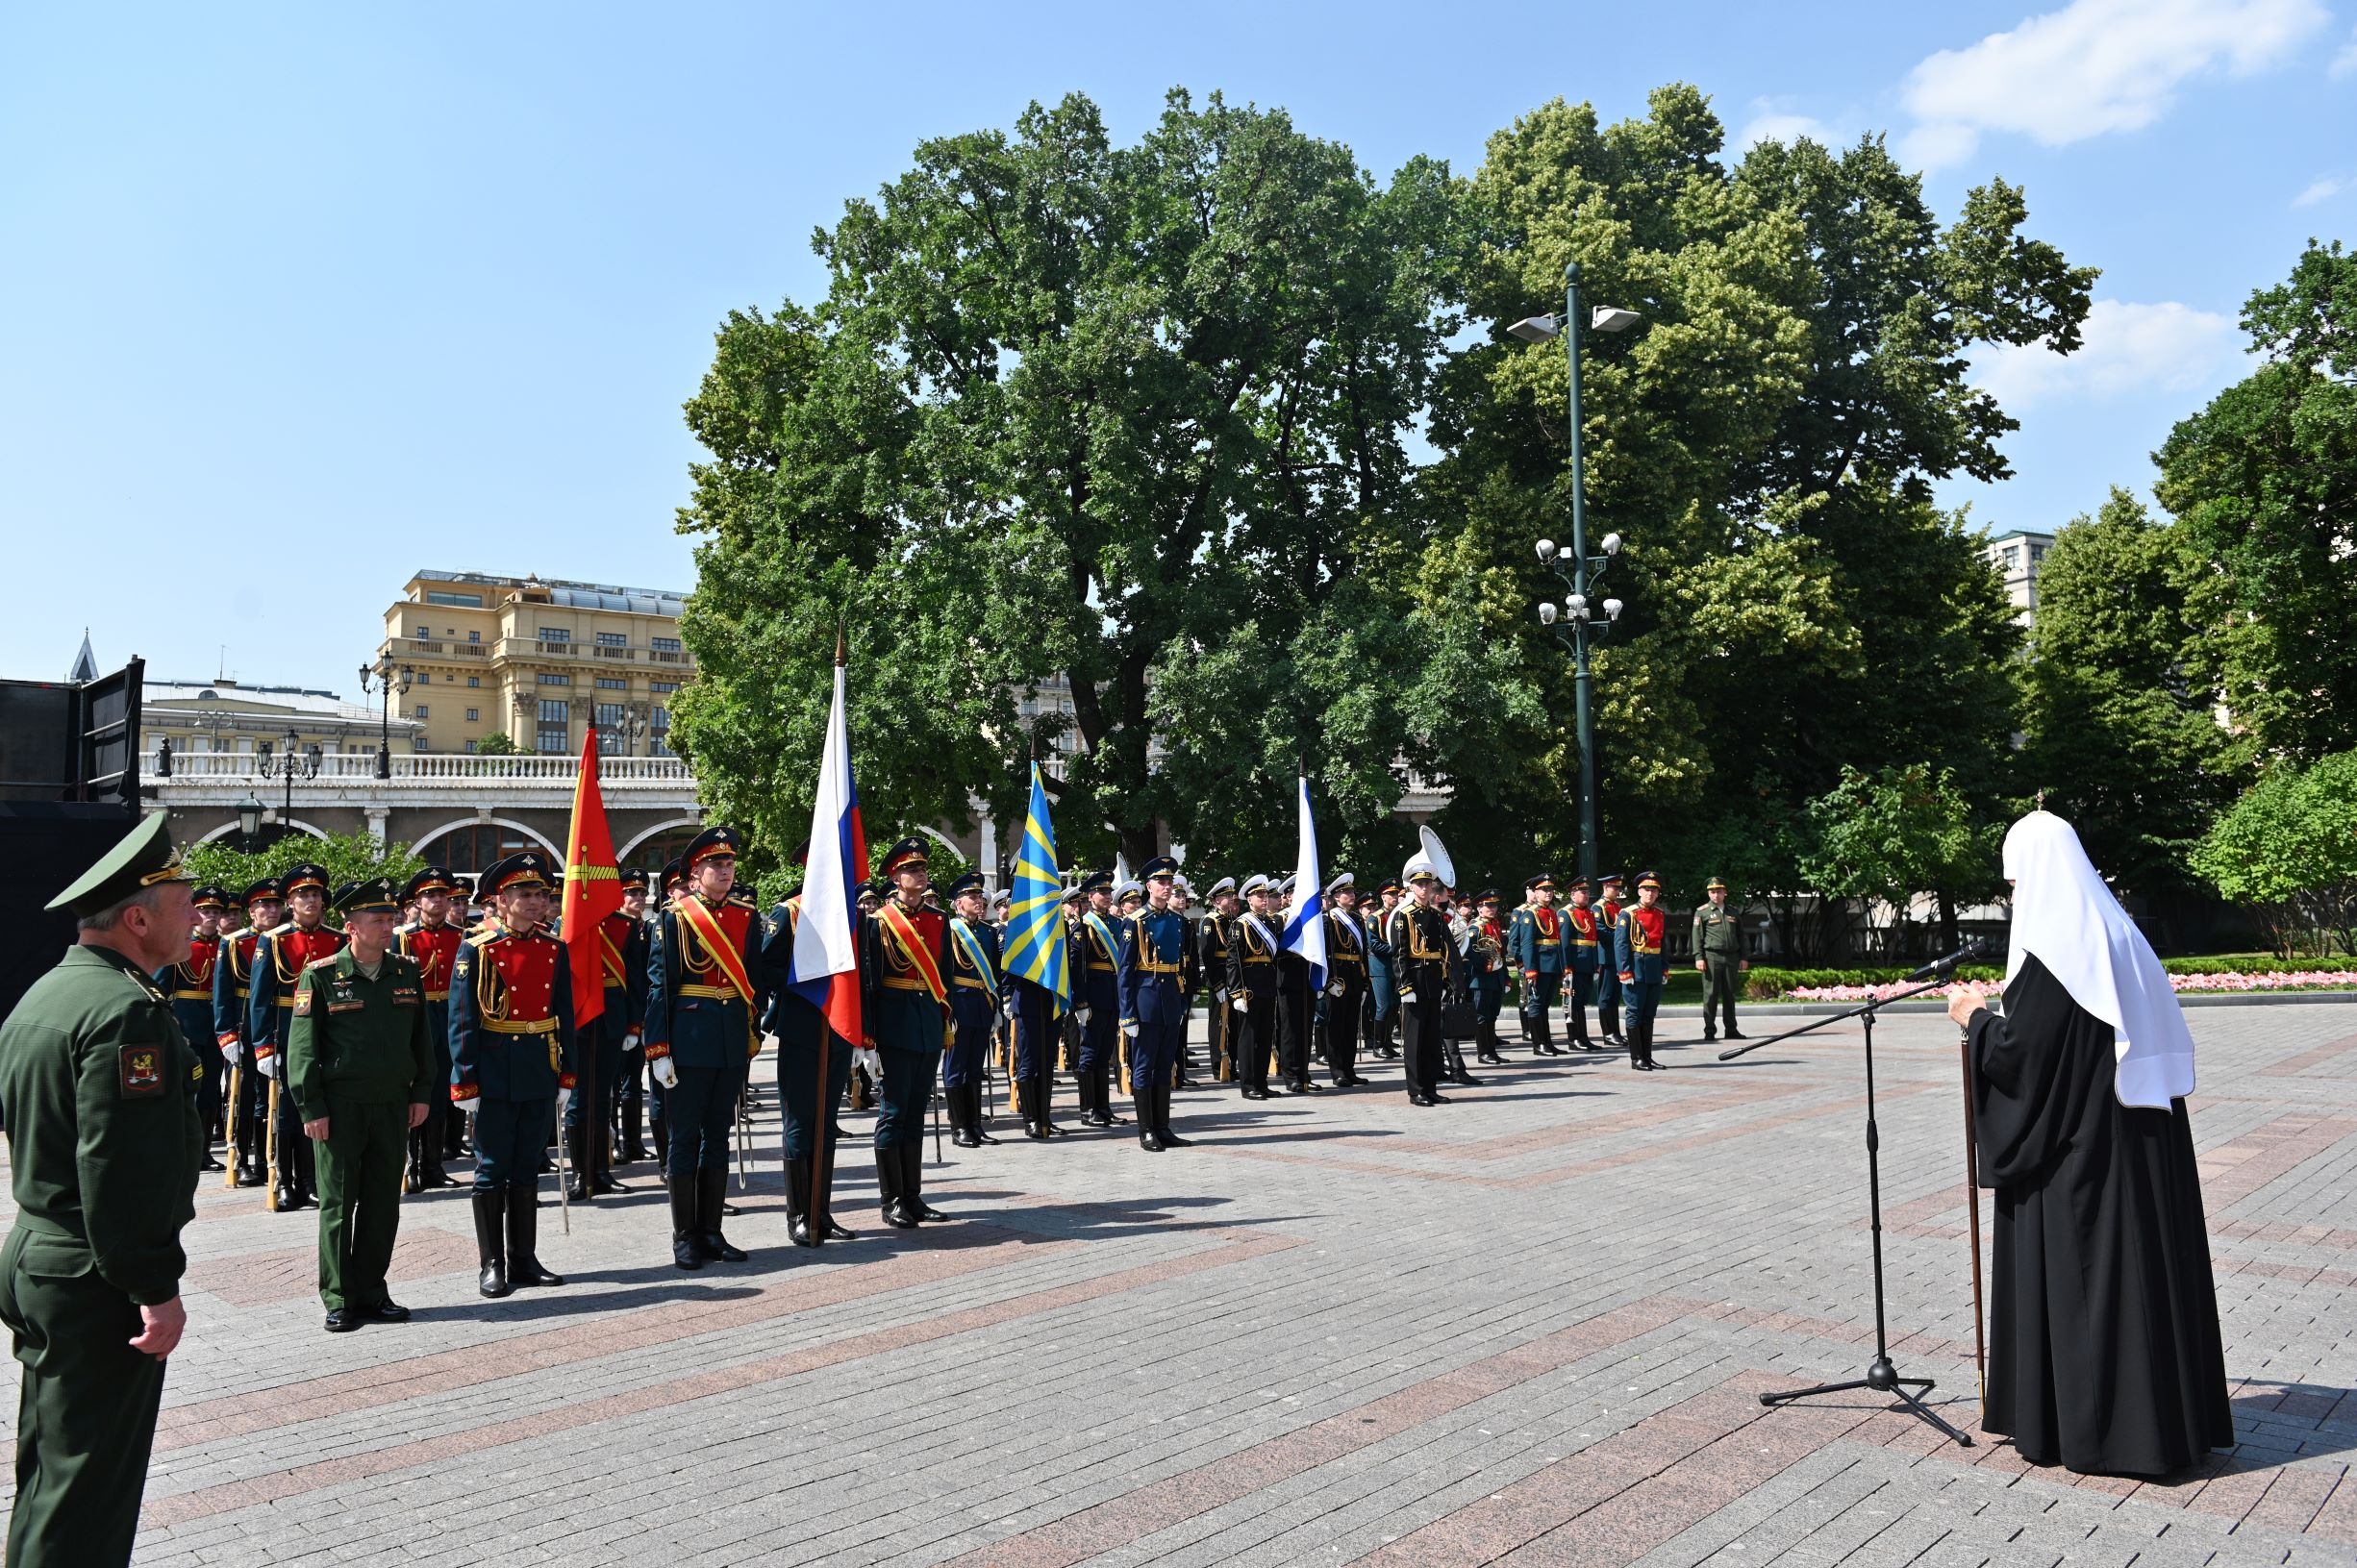 Патриарх Кирилл рассказал о единстве народа и интеллекте в армии